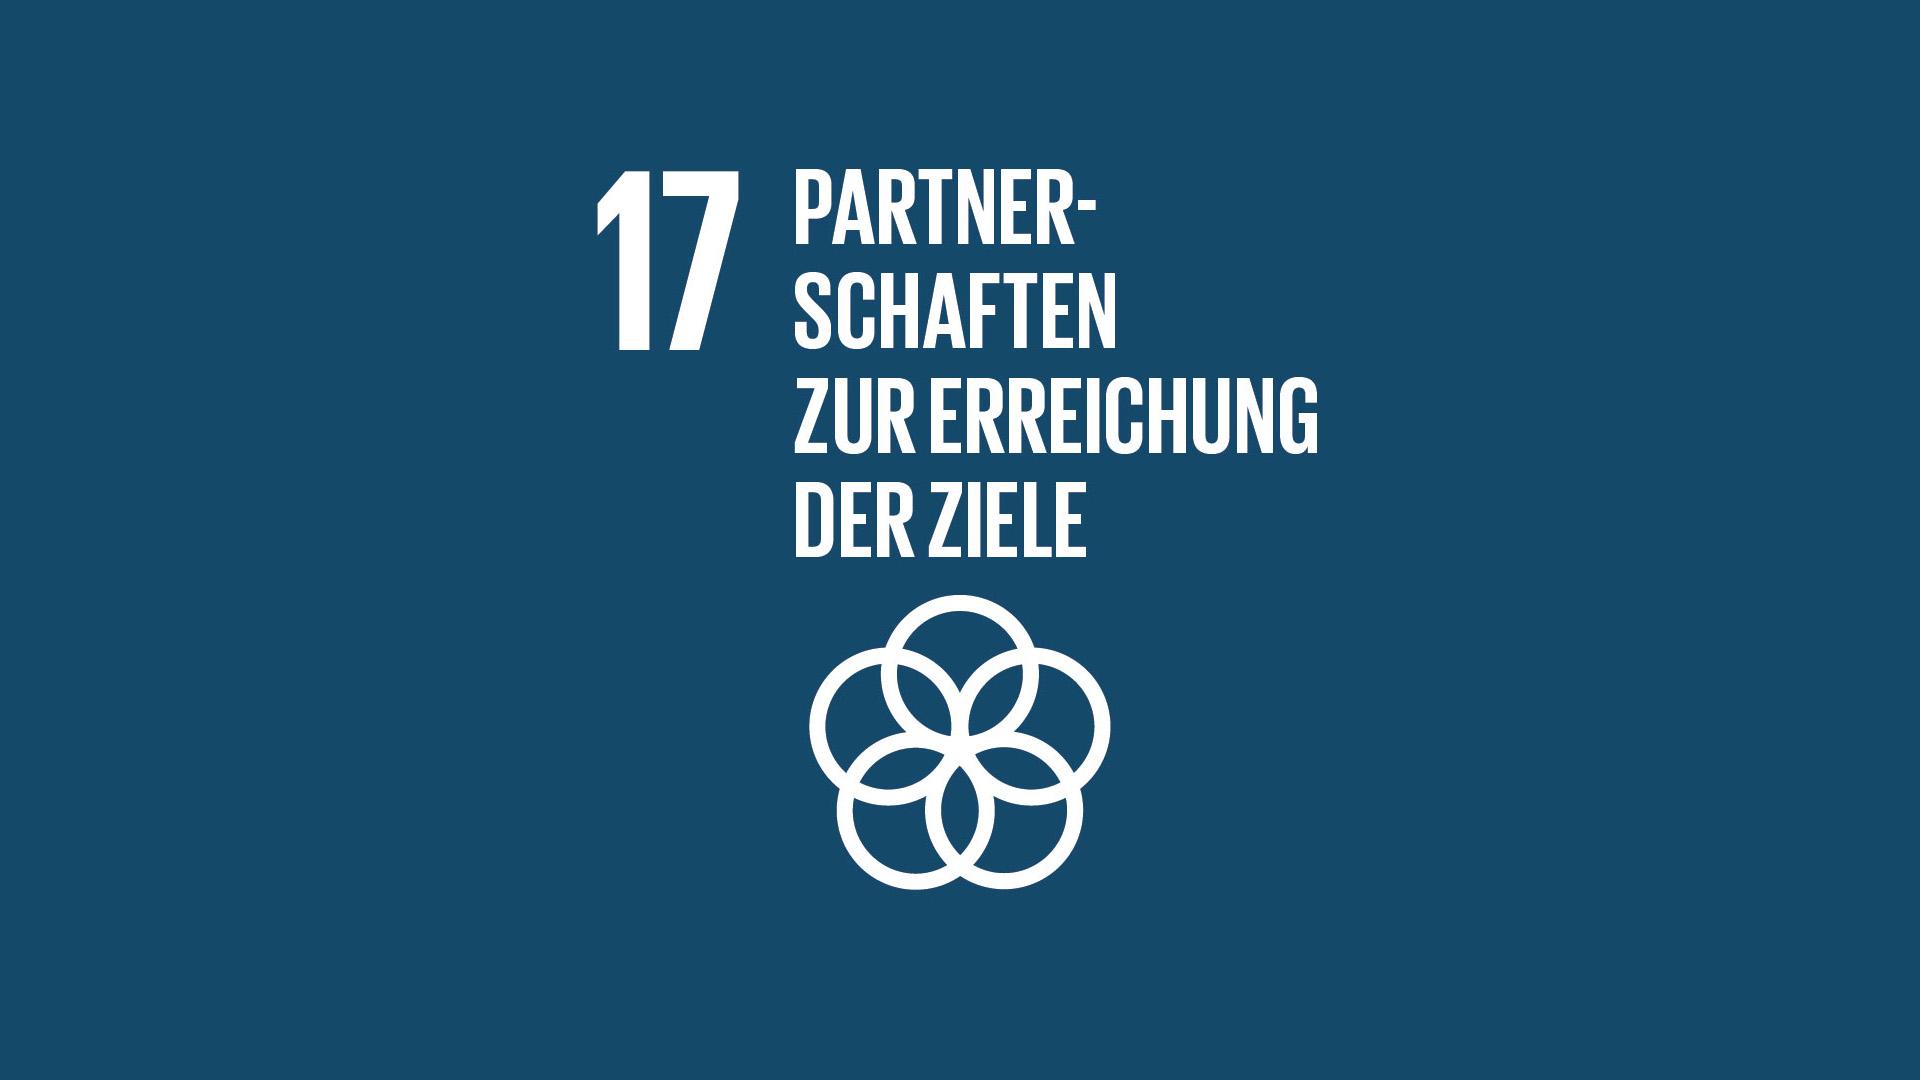 SDG 17: Partnerschaften zur Erreichung der Ziele